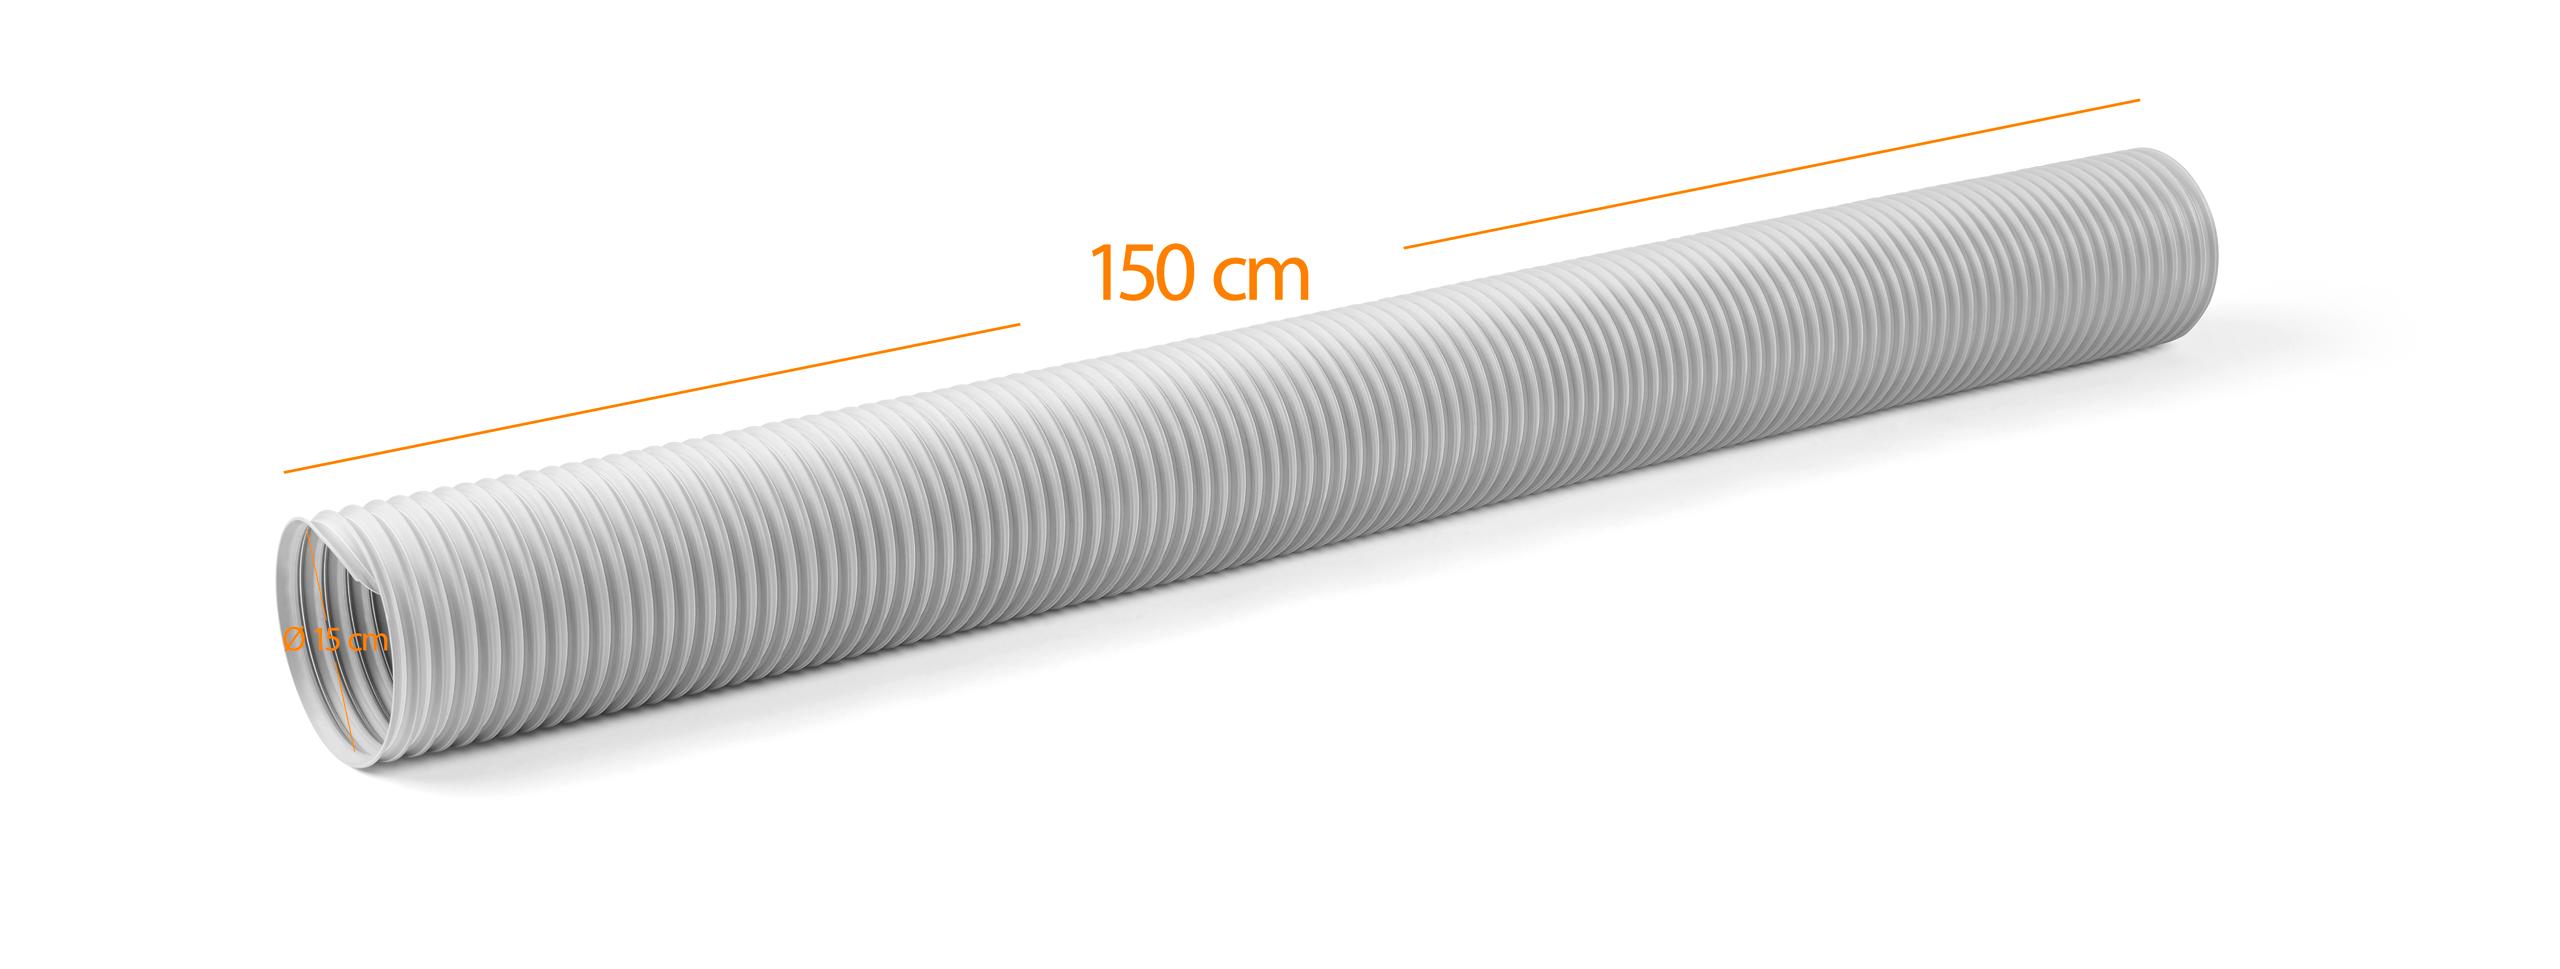 Abluftschlauch mit Anschlussstutzen für Climia CMK 2900